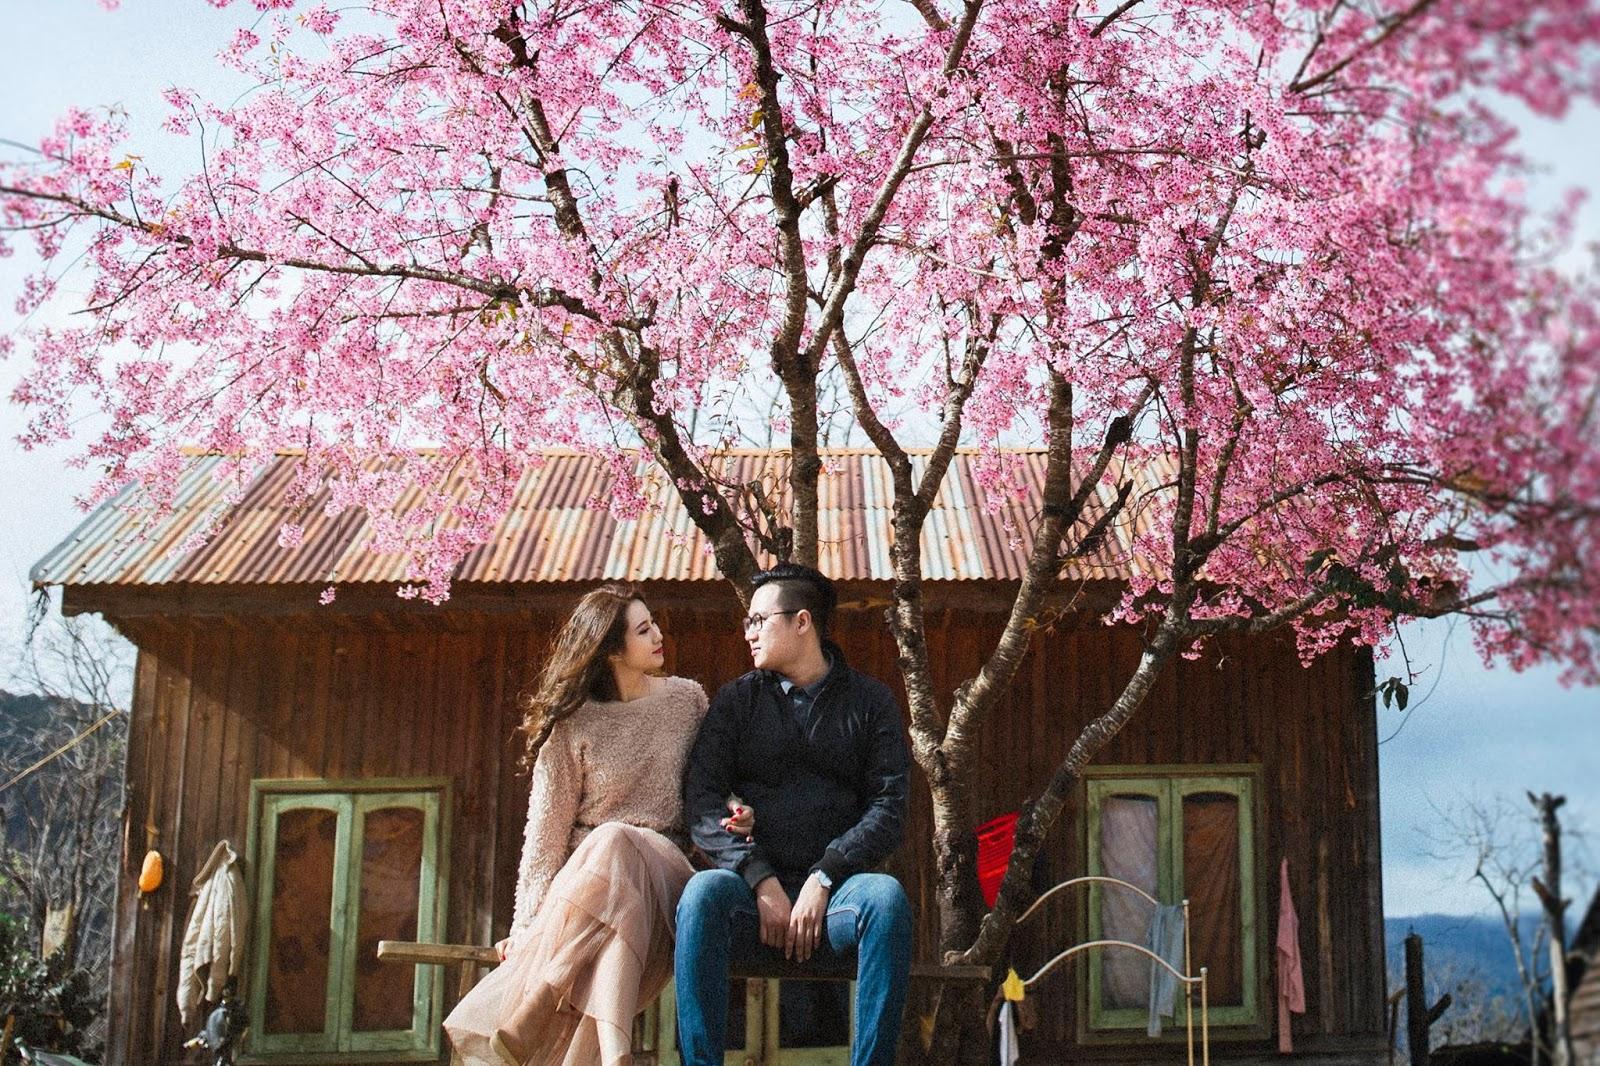 Ngắm hoa anh đào khi du lịch Đà Lạt dịp Tết Nguyên đán 2021